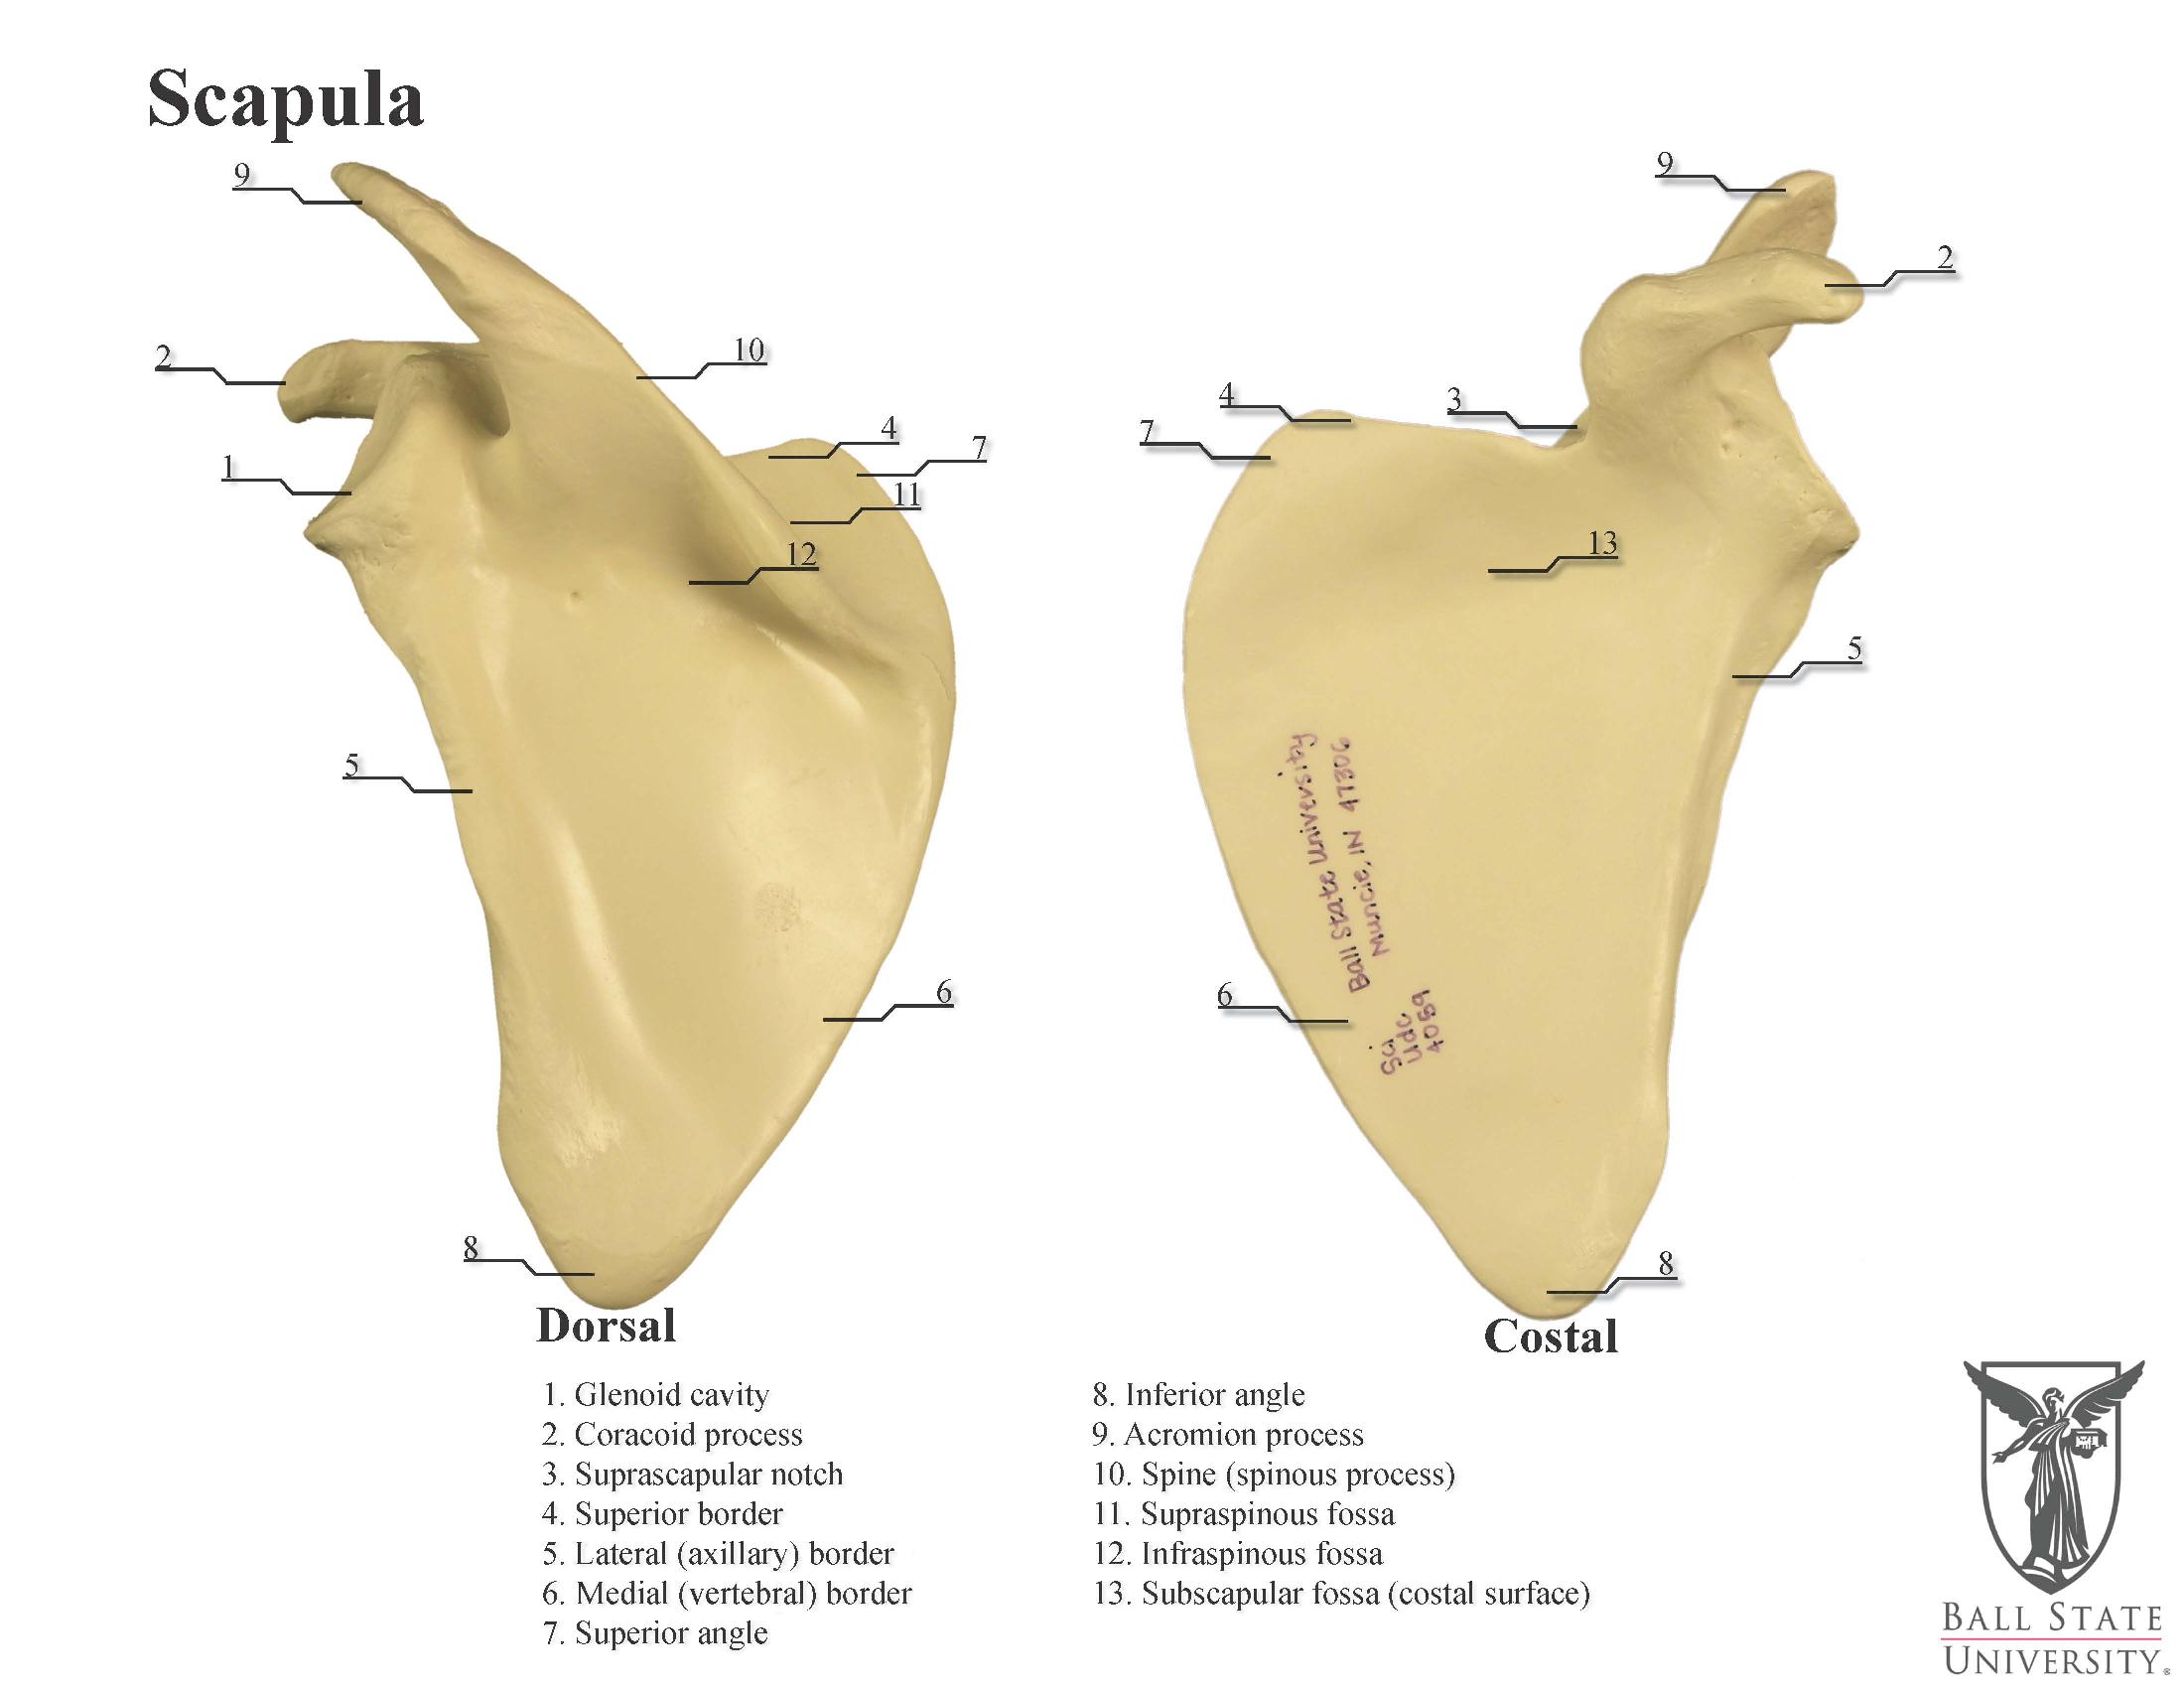 human scapula diagram